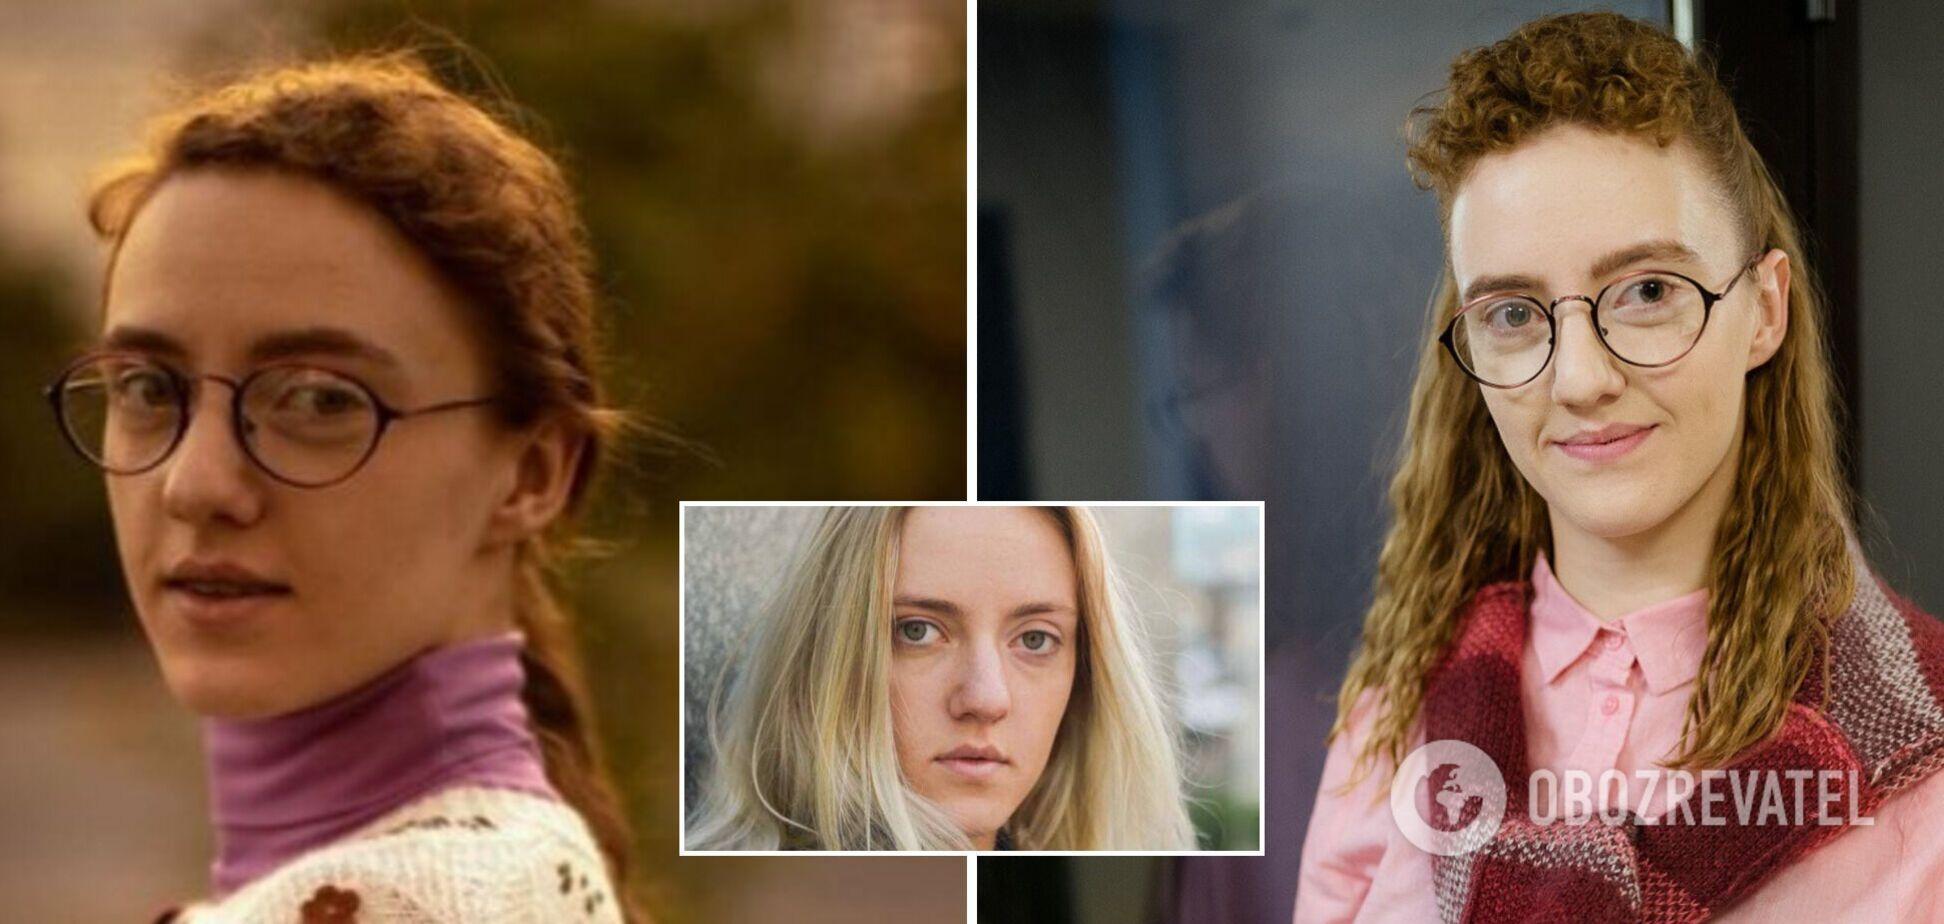 В сеть слили редкие фото и видео 'Страшко' Поплавской в реальной жизни